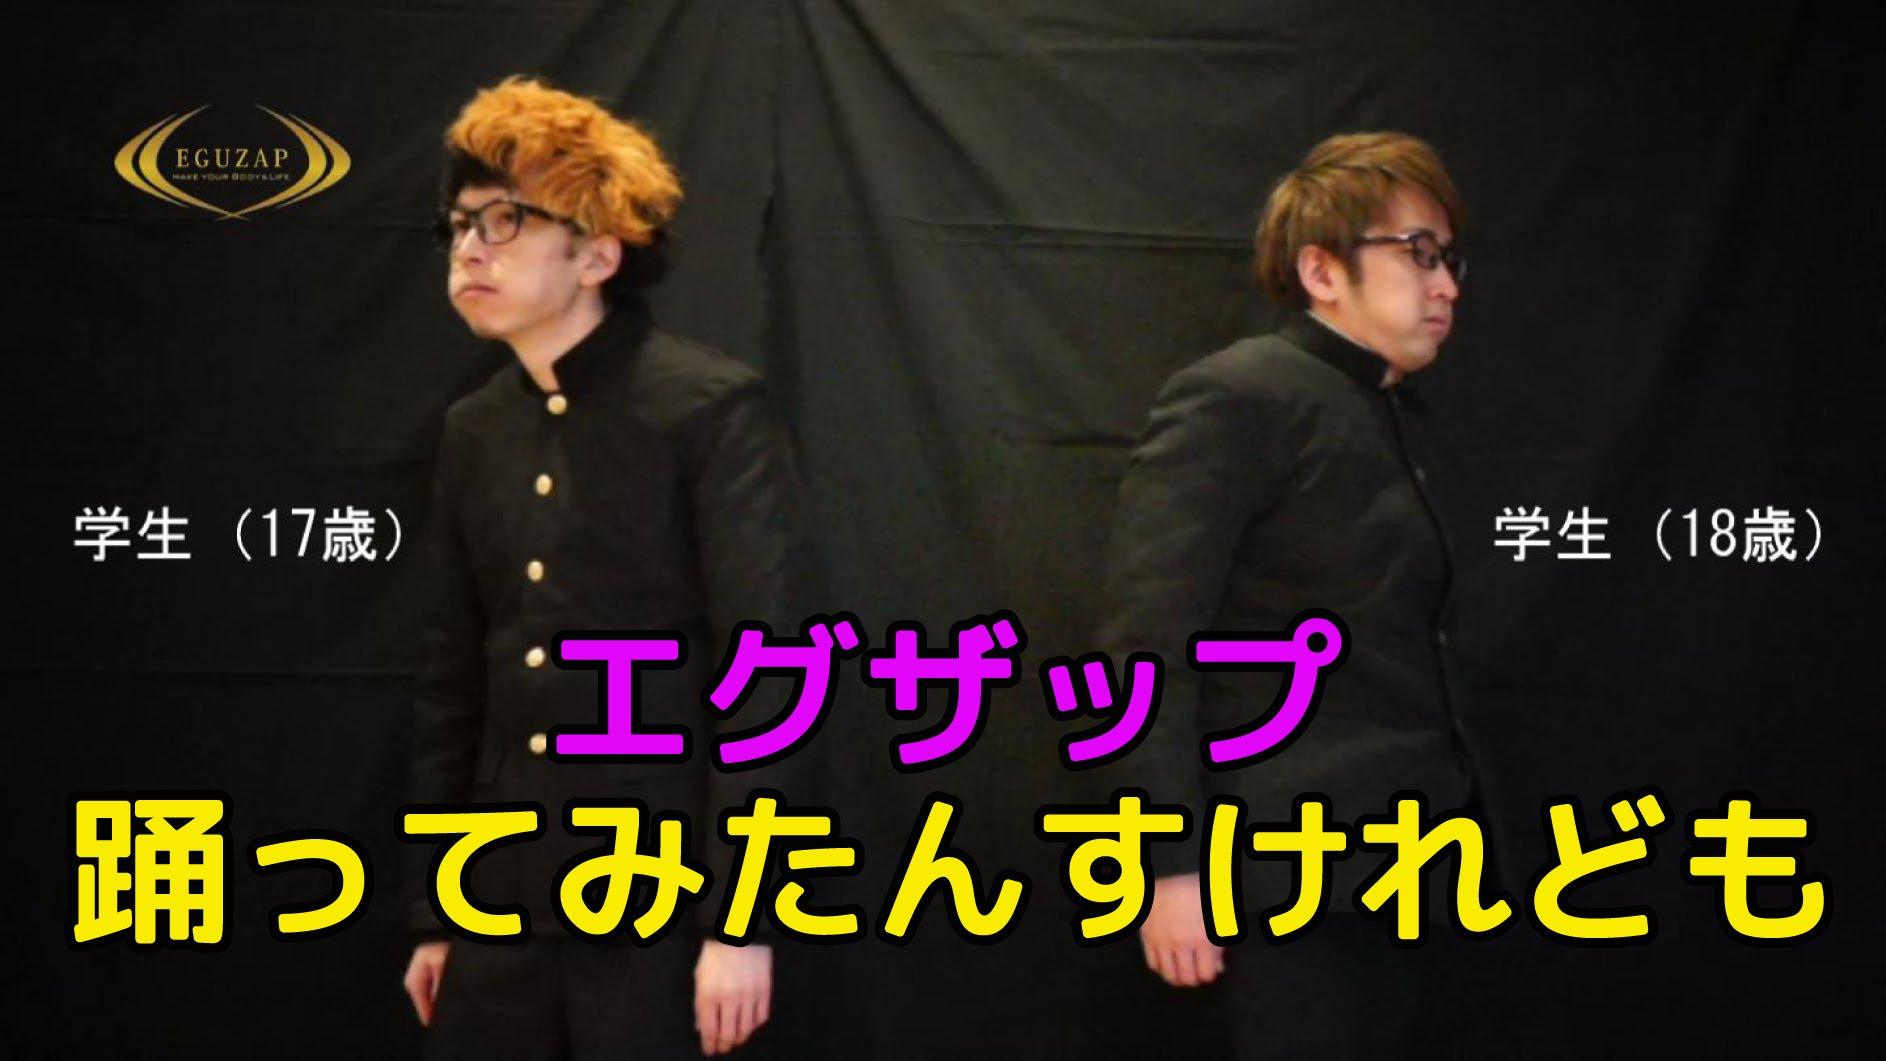 踊ってみたんすけれども⑧『ライザップ 』エグスプロージョン